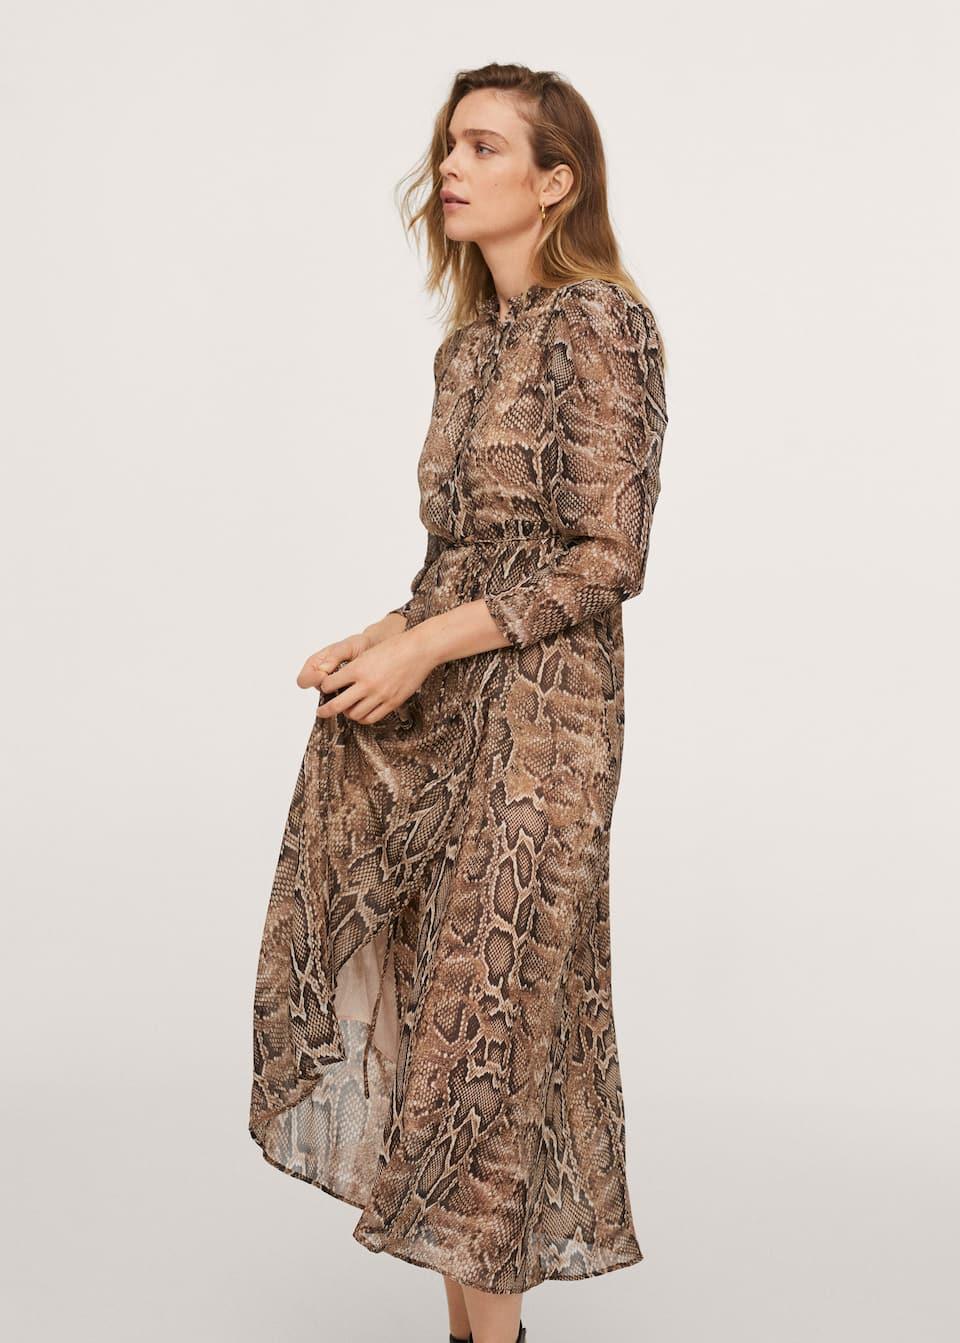 Langes kleid mit schlangenmuster   Damen   Mango Deutschland